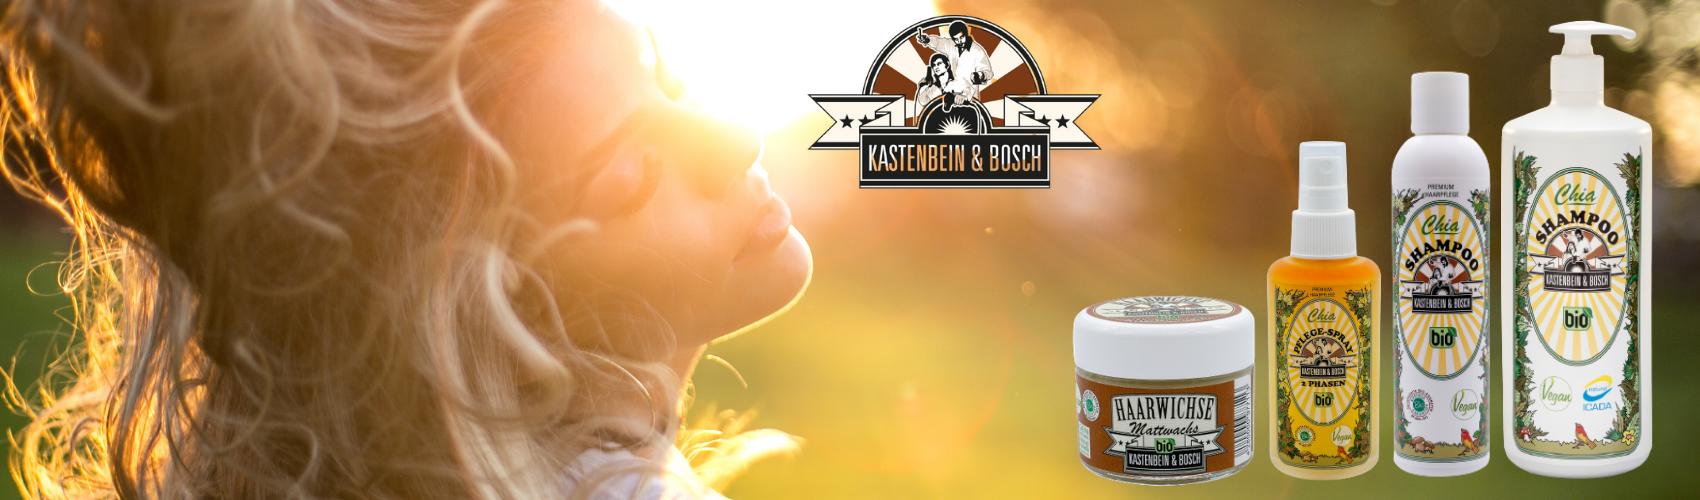 Kastenbein & Bosch Haarpflege 2021